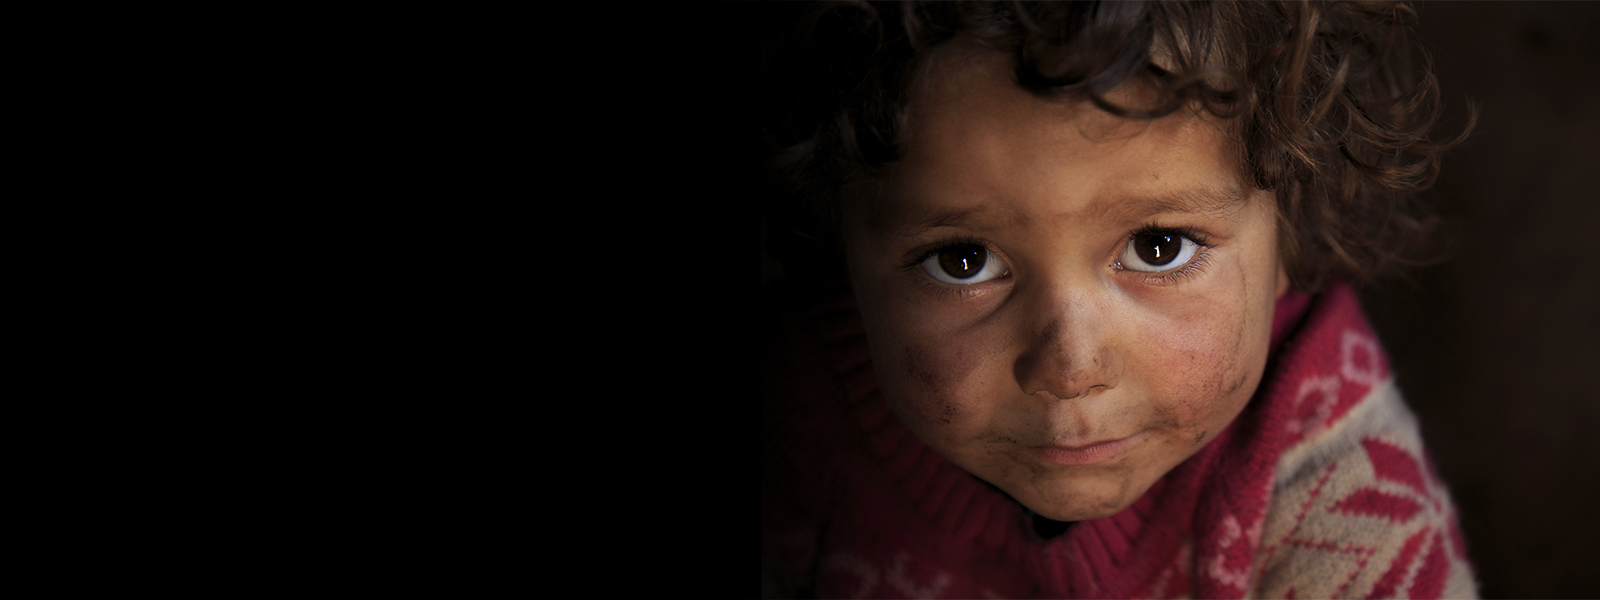 Vart femte barn lever I en konfliktzon